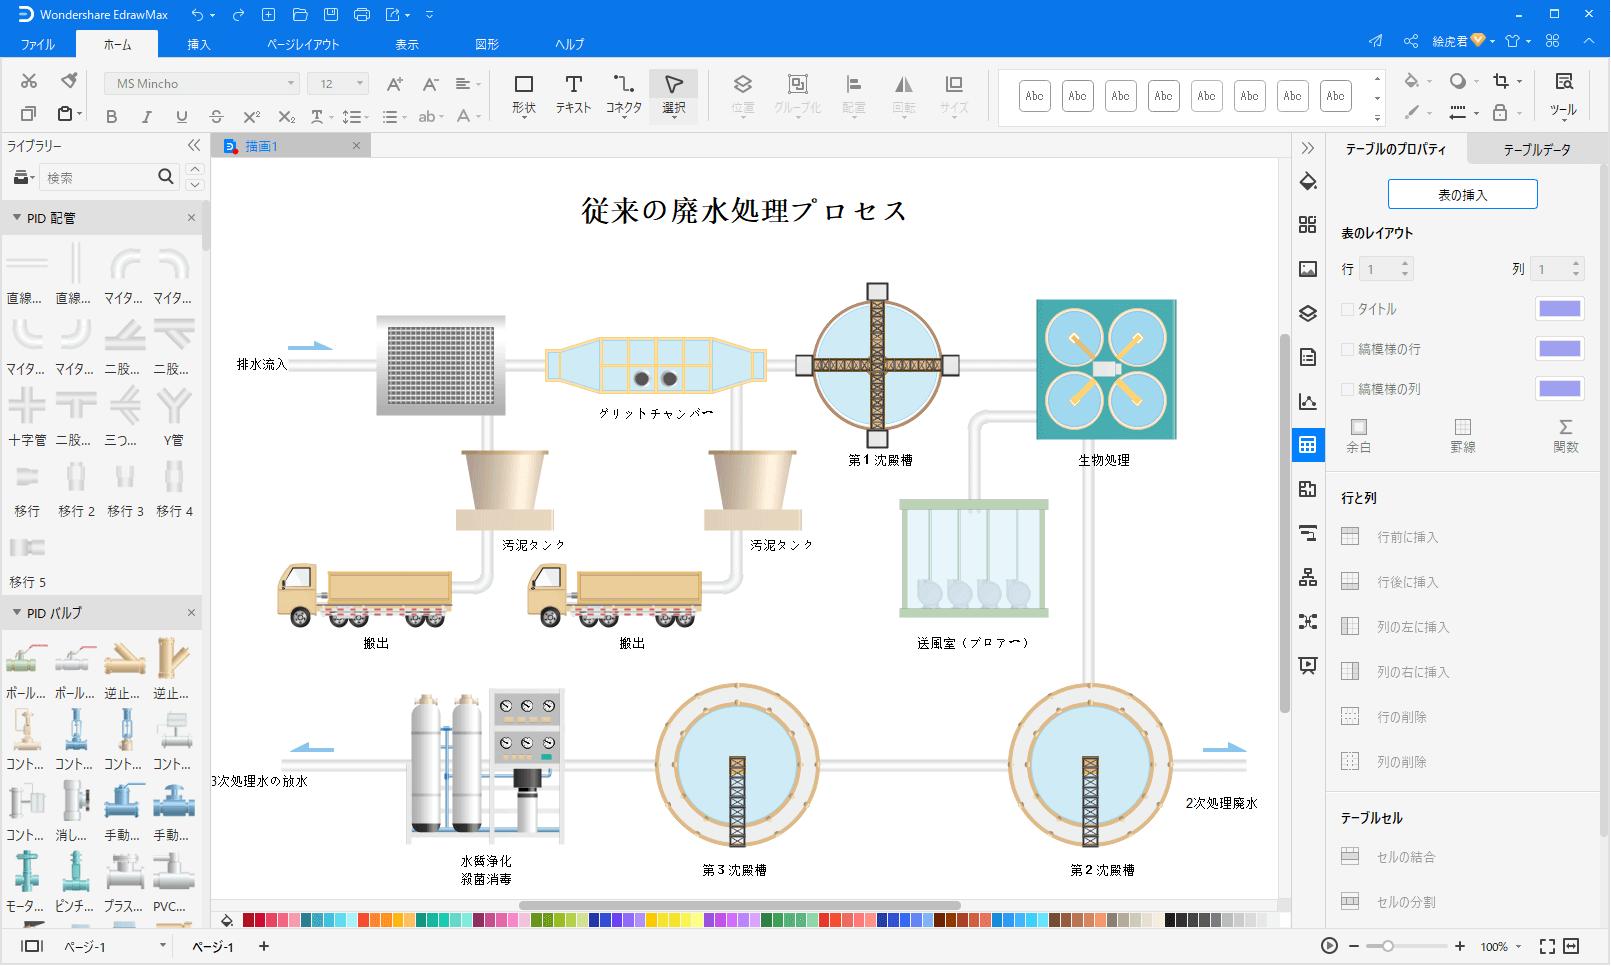 従来の廃水処理プロセス